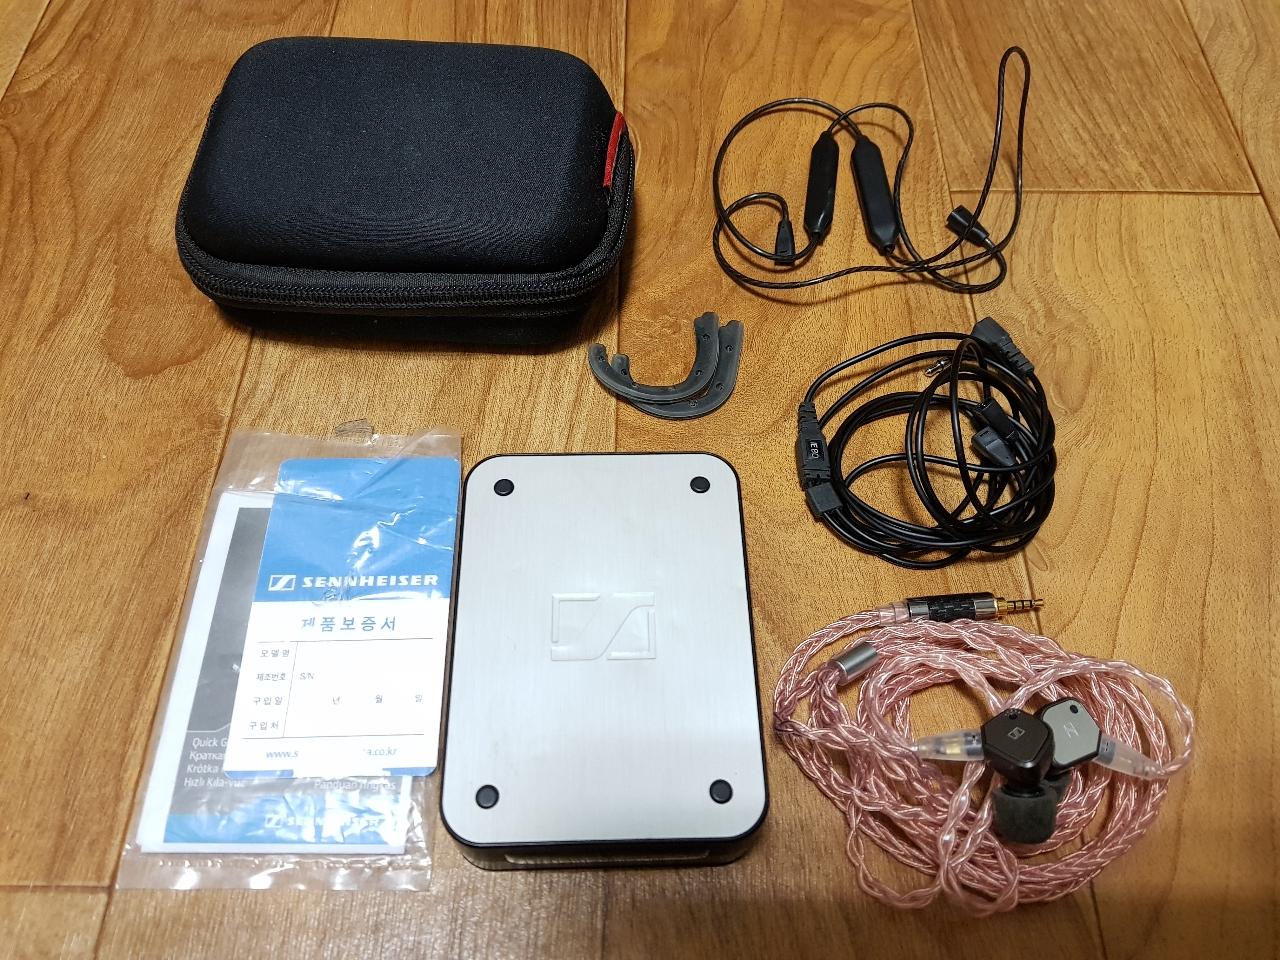 정품 젠하이저 IE80 이어폰 및 악세사리 일괄